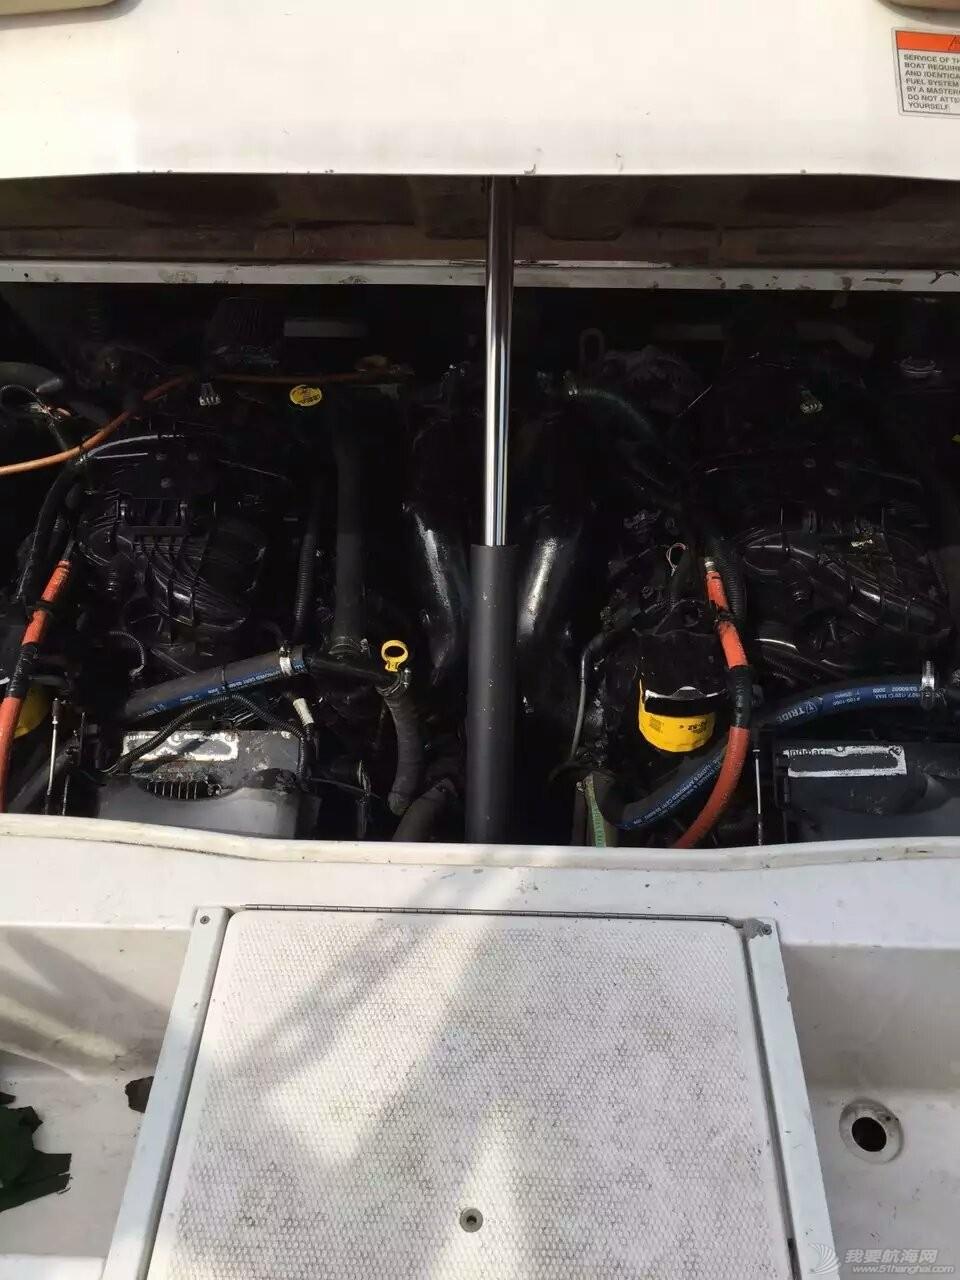 28尺带仓Matercraft X 80 系列仅有船型低价转让 mmexport1462530075859.jpg